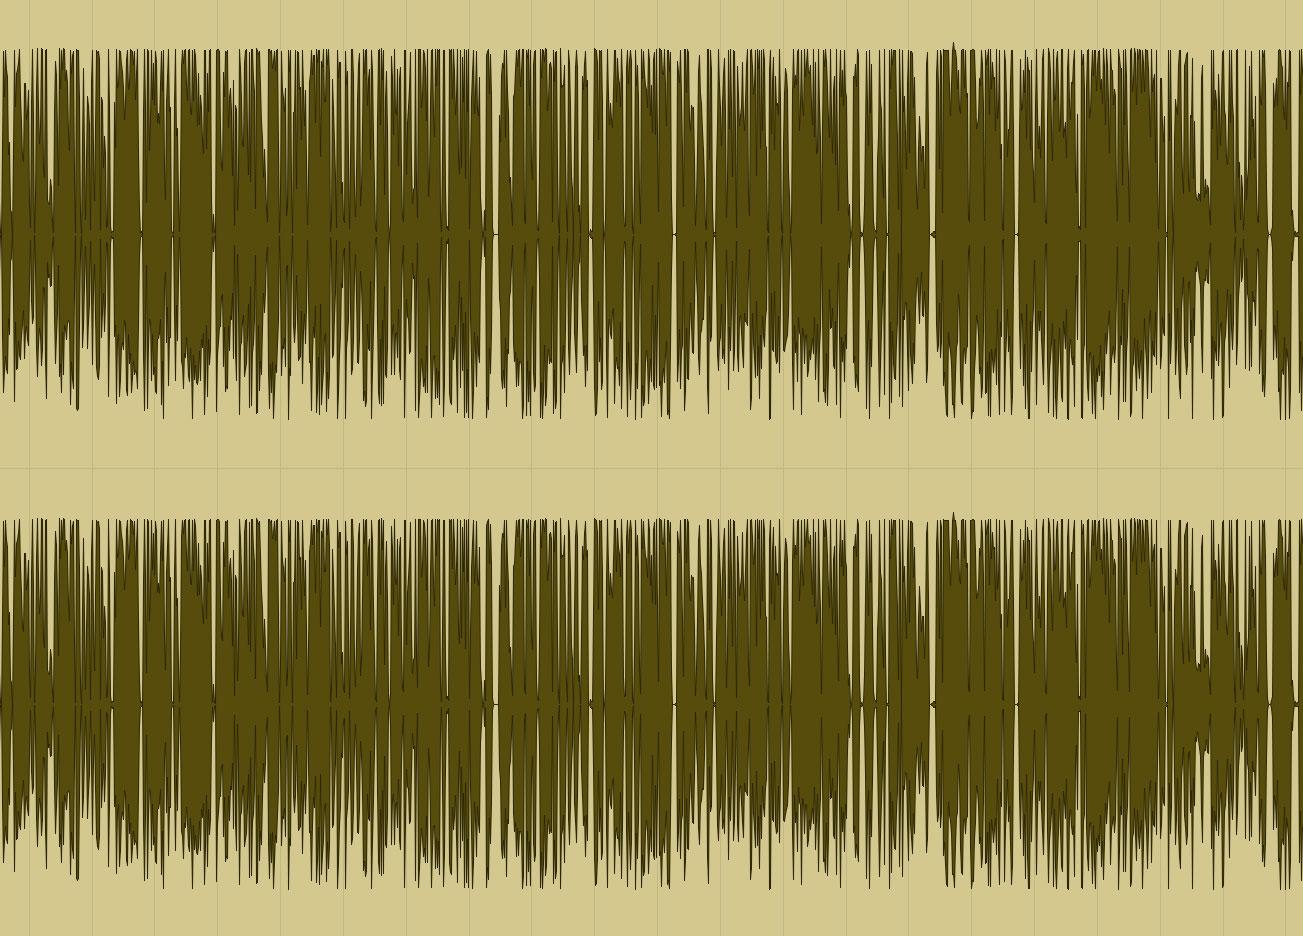 Waveform at -11.5 LUFS